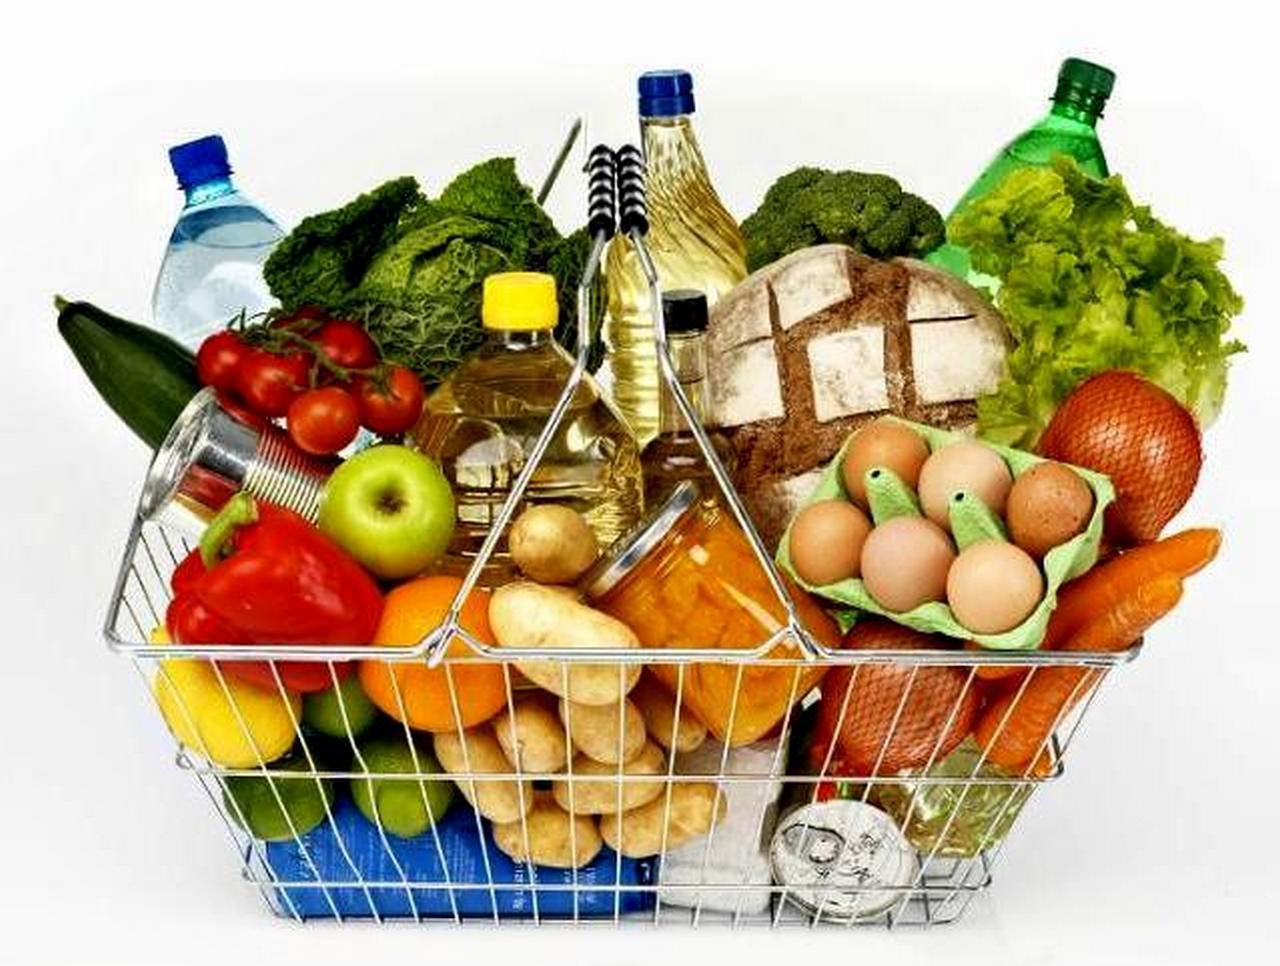 ціни на споживчі товари Днепр Дніпро август